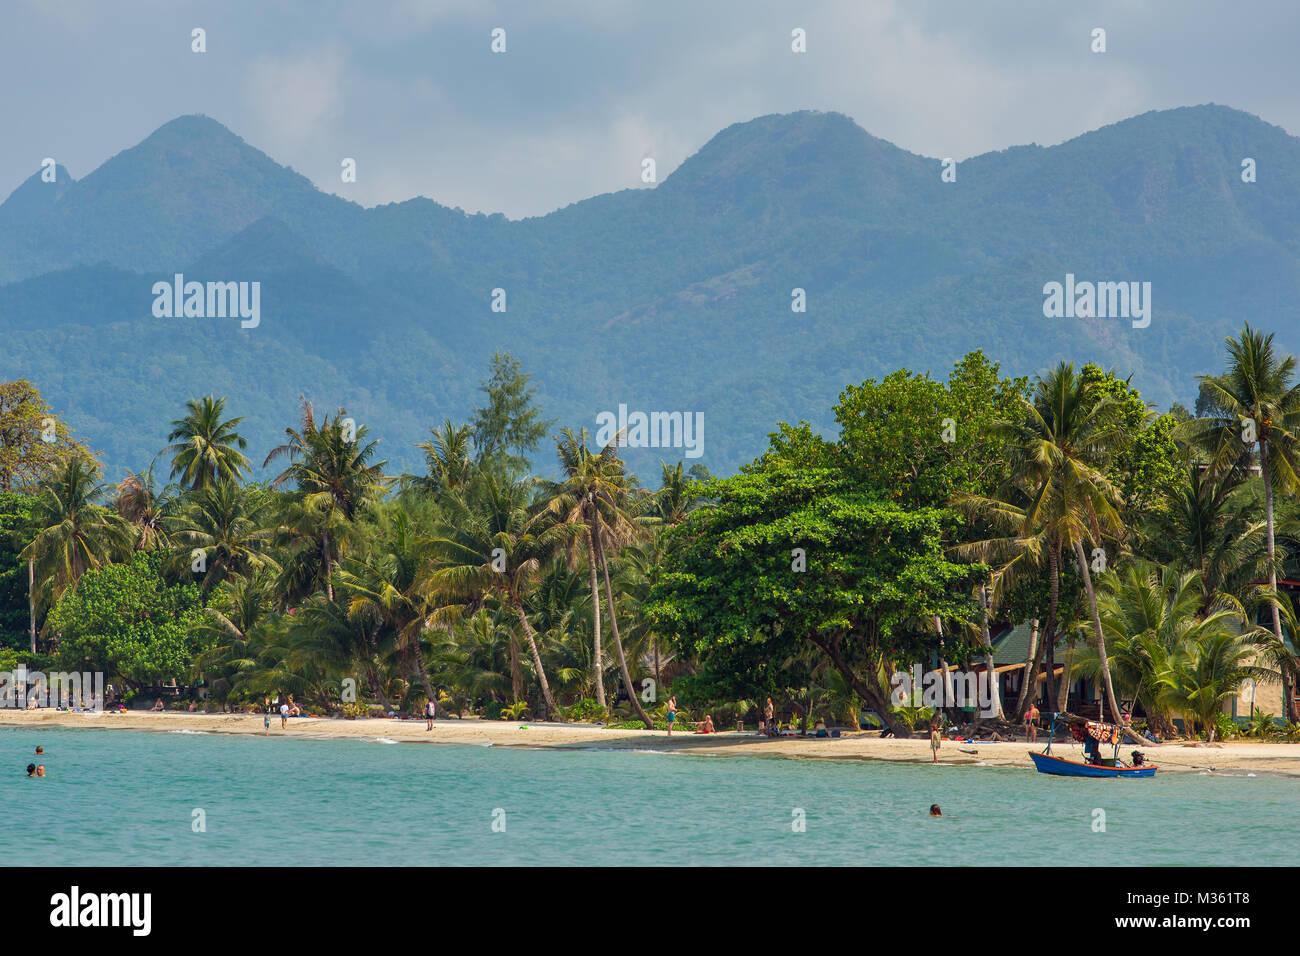 Koh Chang, Tailandia - 12 Marzo 2017: turisti resto sulla splendida spiaggia tropicale di Koh Chang island in Thailandia Immagini Stock